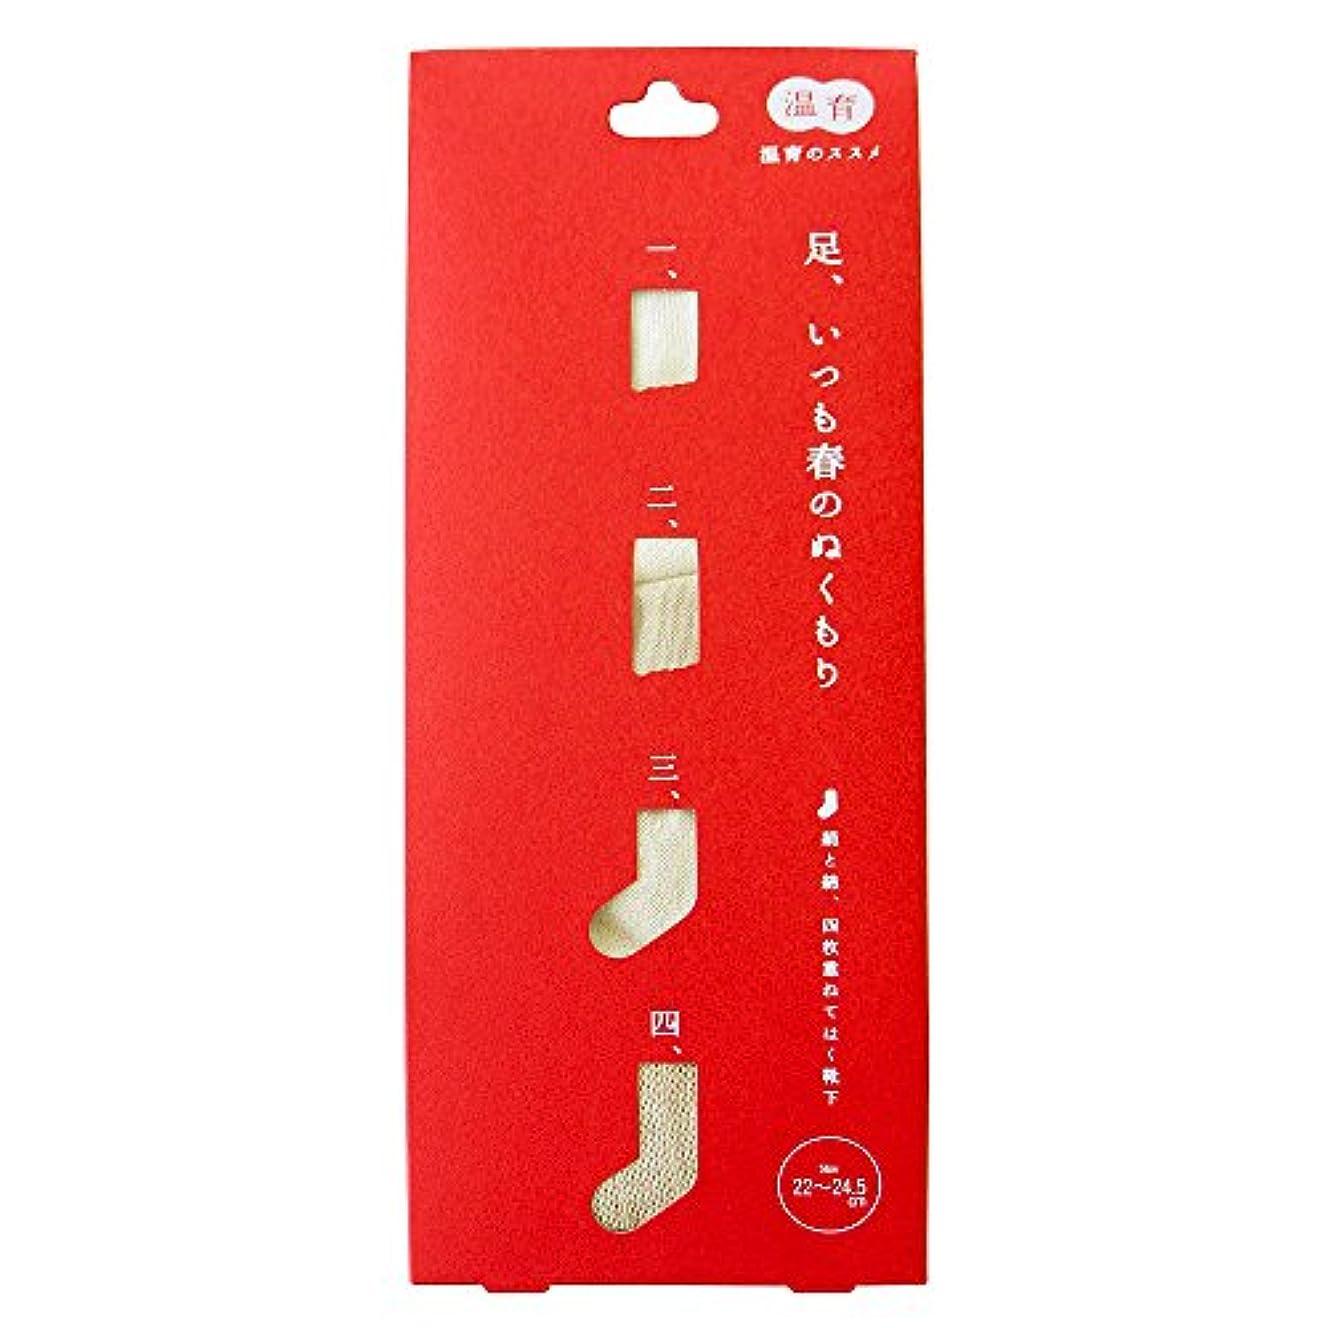 つぶやき依存する通行料金Cocoonfit(コクーンフィット) 温育 絹と綿、四枚重ねてはく靴下